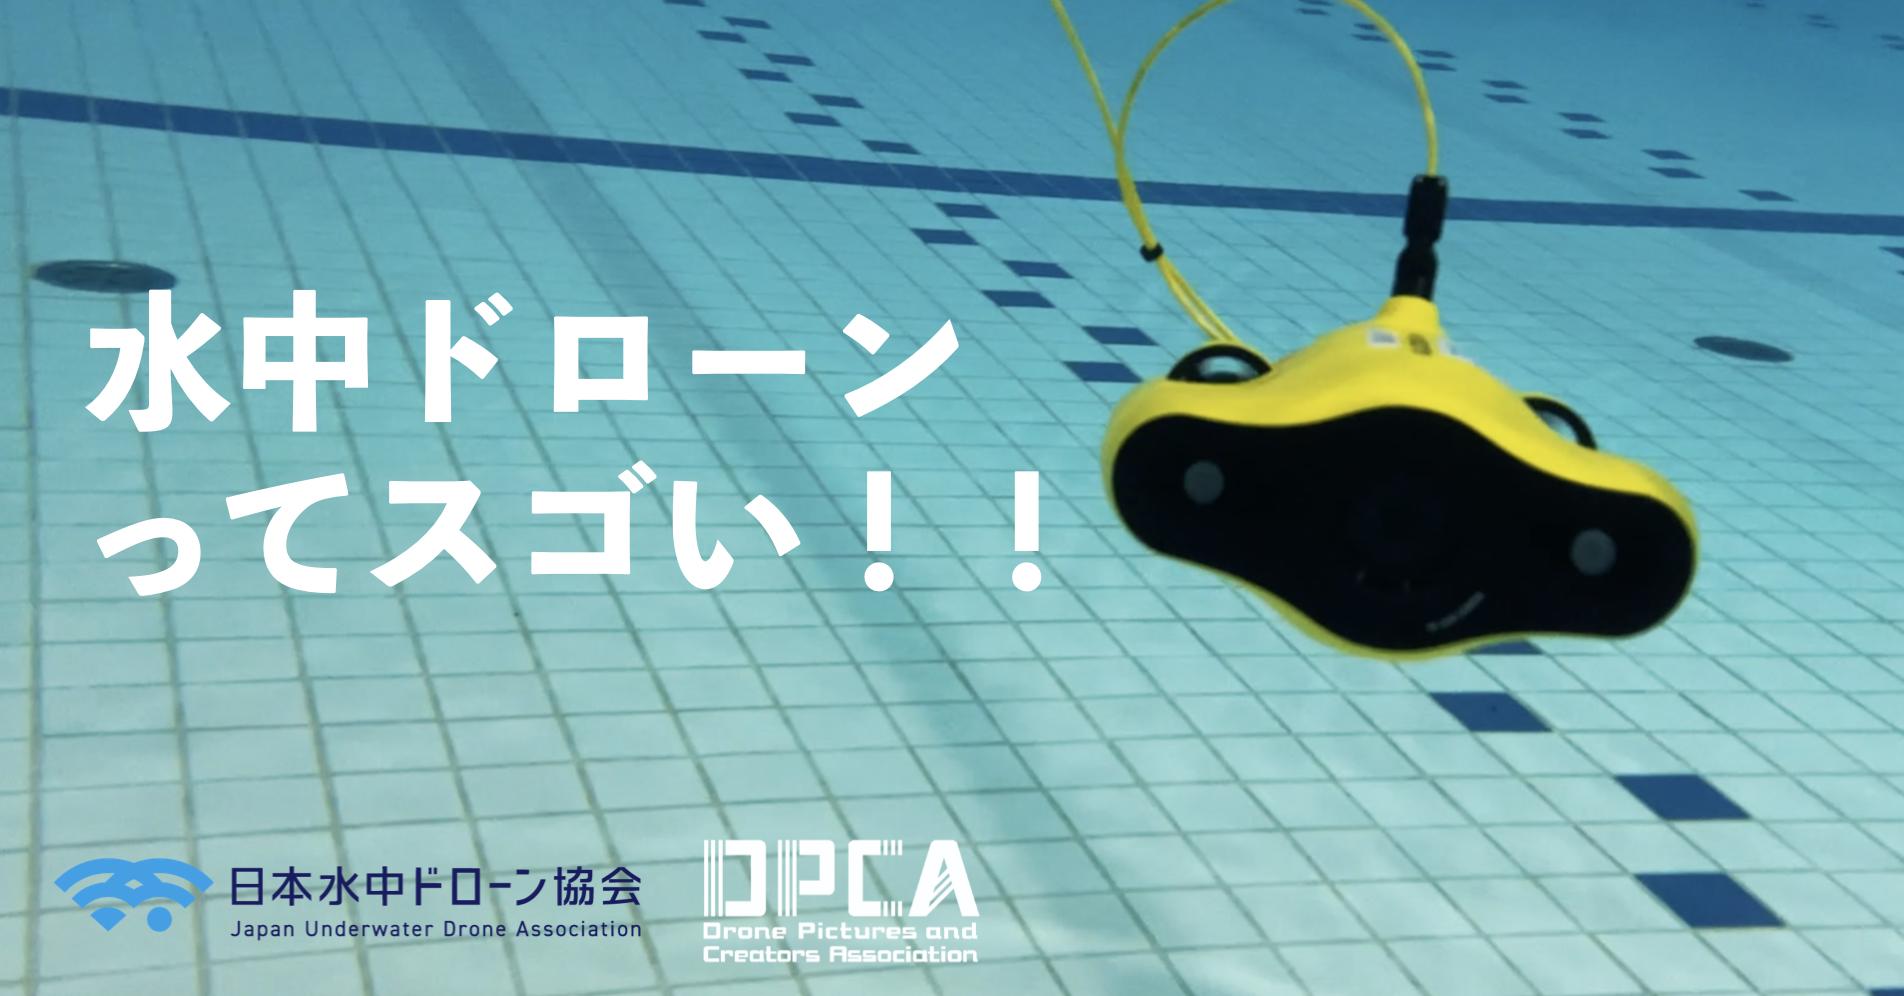 長野県上田市のドローン講習会「水中ドローンコース」